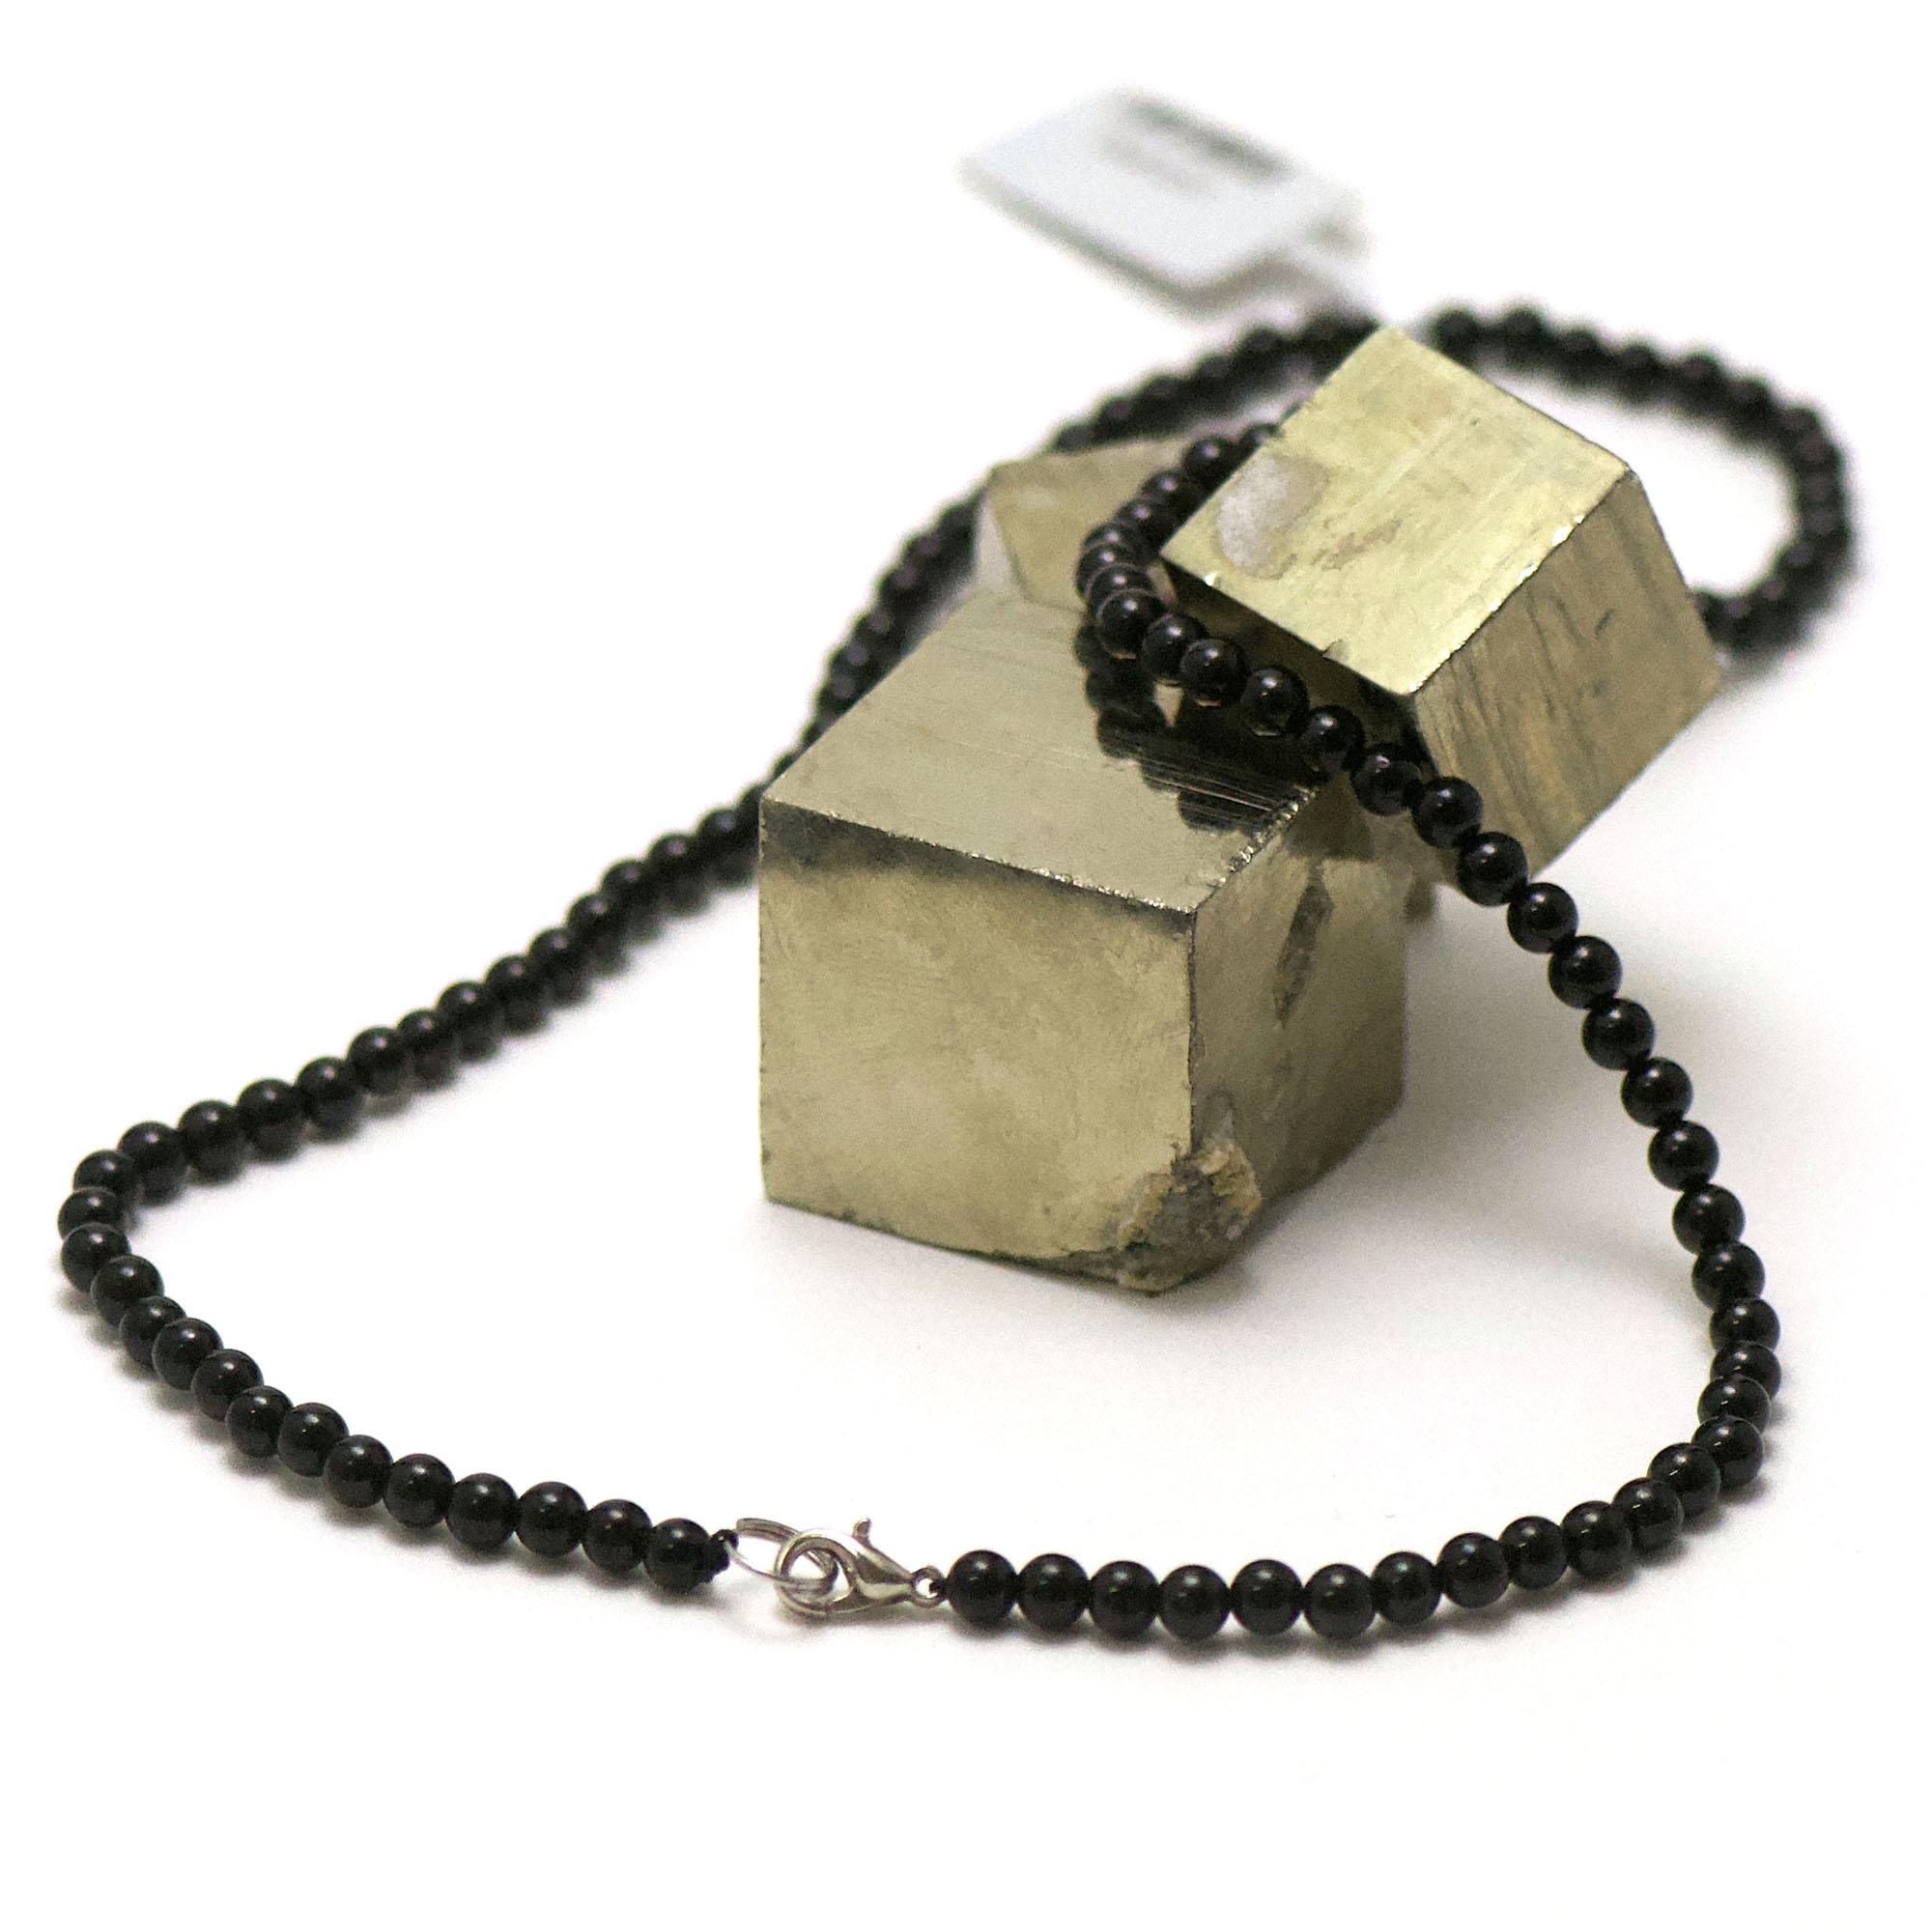 collier en tourmaline noir, perle ronde 4 mm